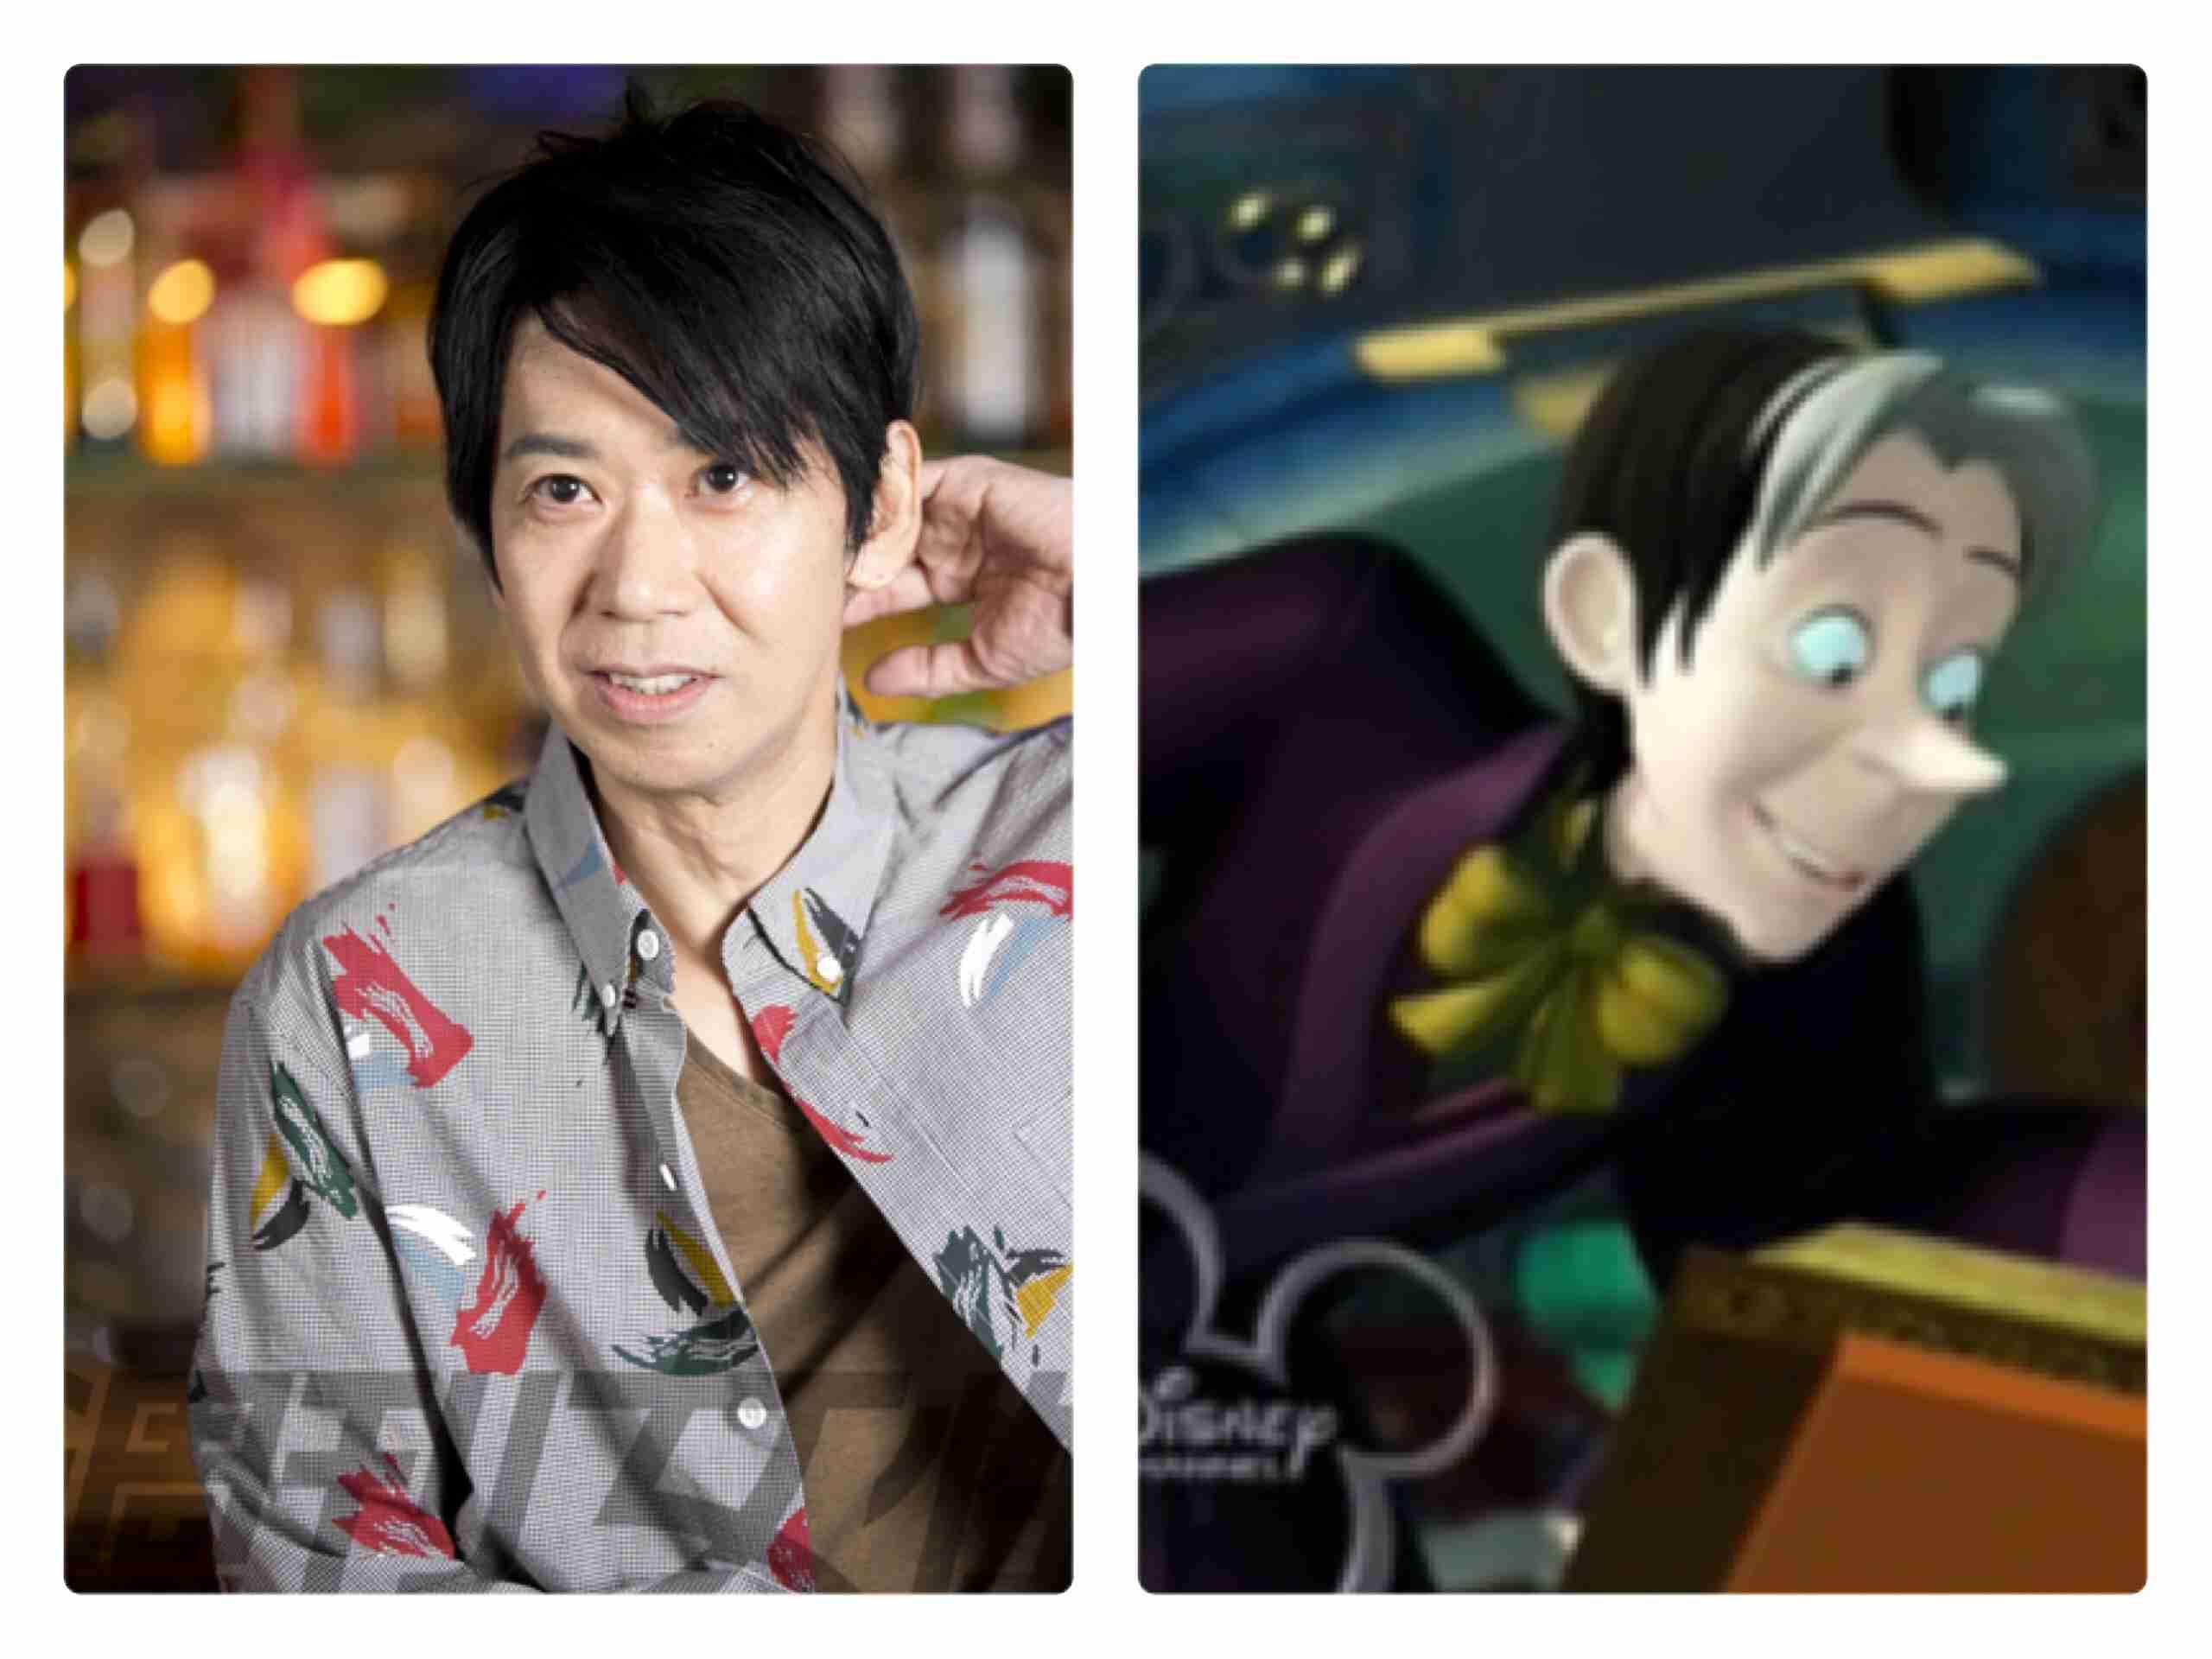 アニメの実写にしっくり来る有名人は誰ですか?